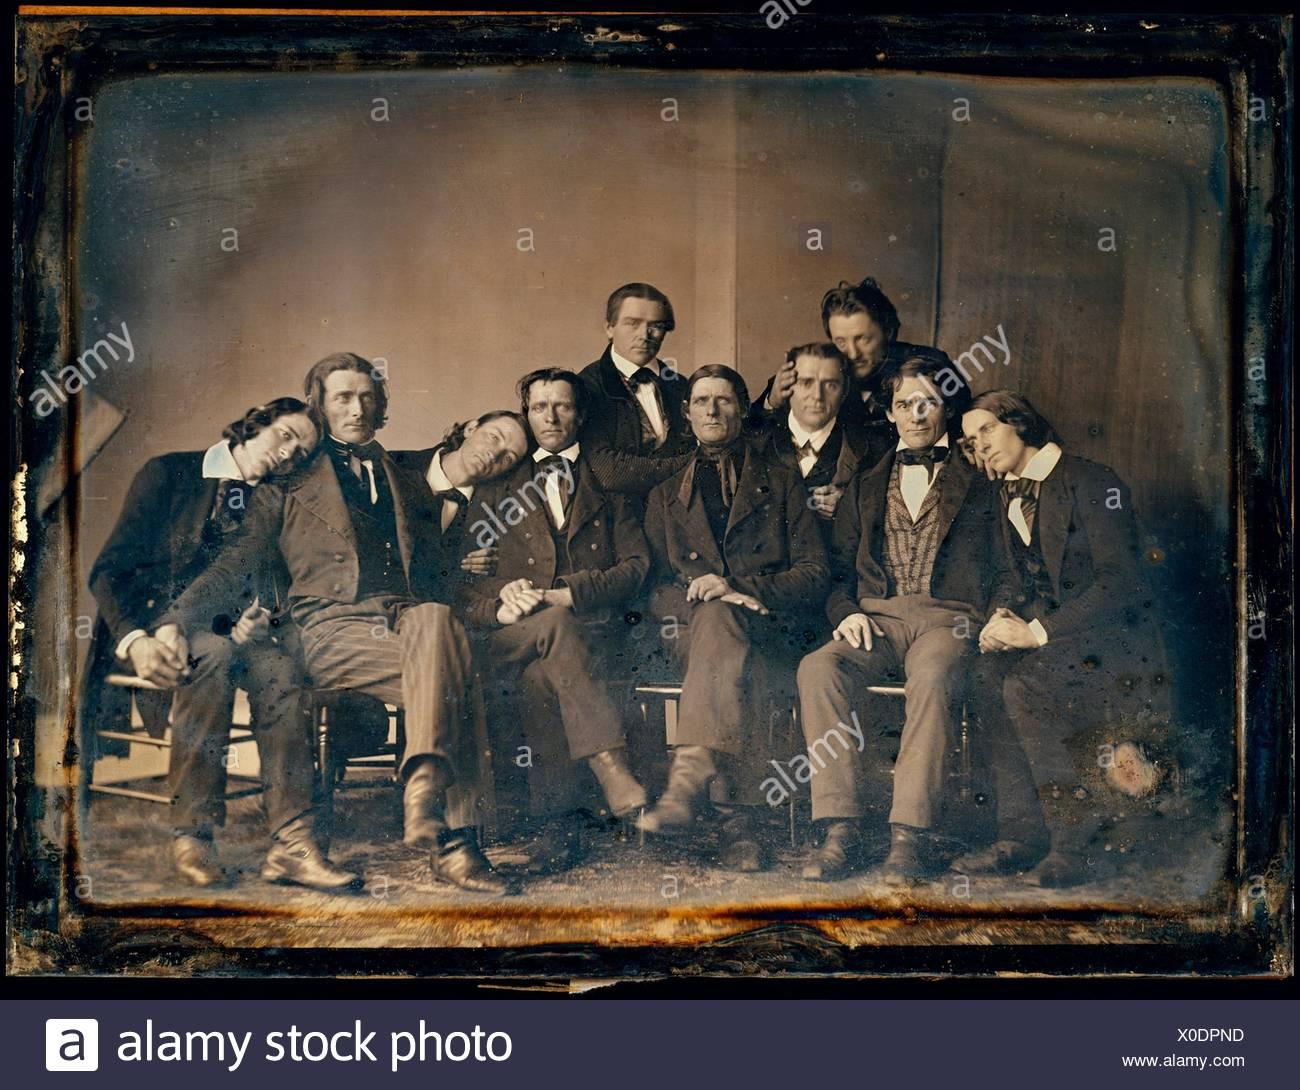 [Hutchinson Familie Sänger]. Artist: Unbekannt; Datum: 1845; Medium: daguerreotypie; Abmessungen: Bild: 14,4 x 19,7 cm (5 11/16 x 7 3/4 in.); Stockbild